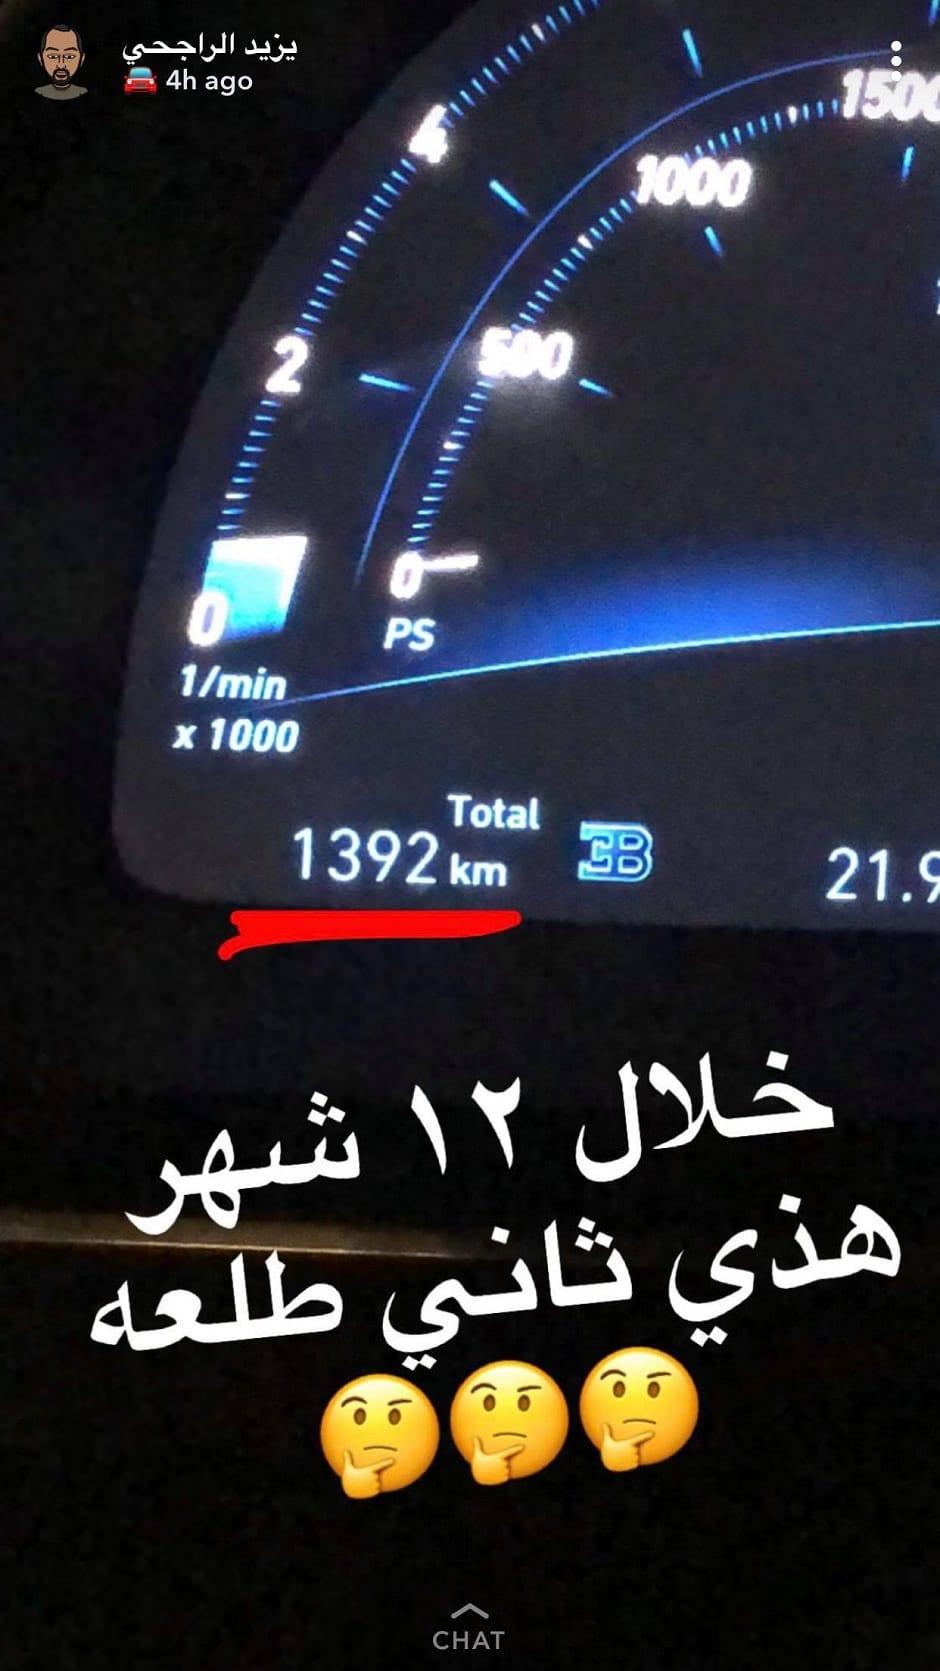 سيارات يزيد الراجحي